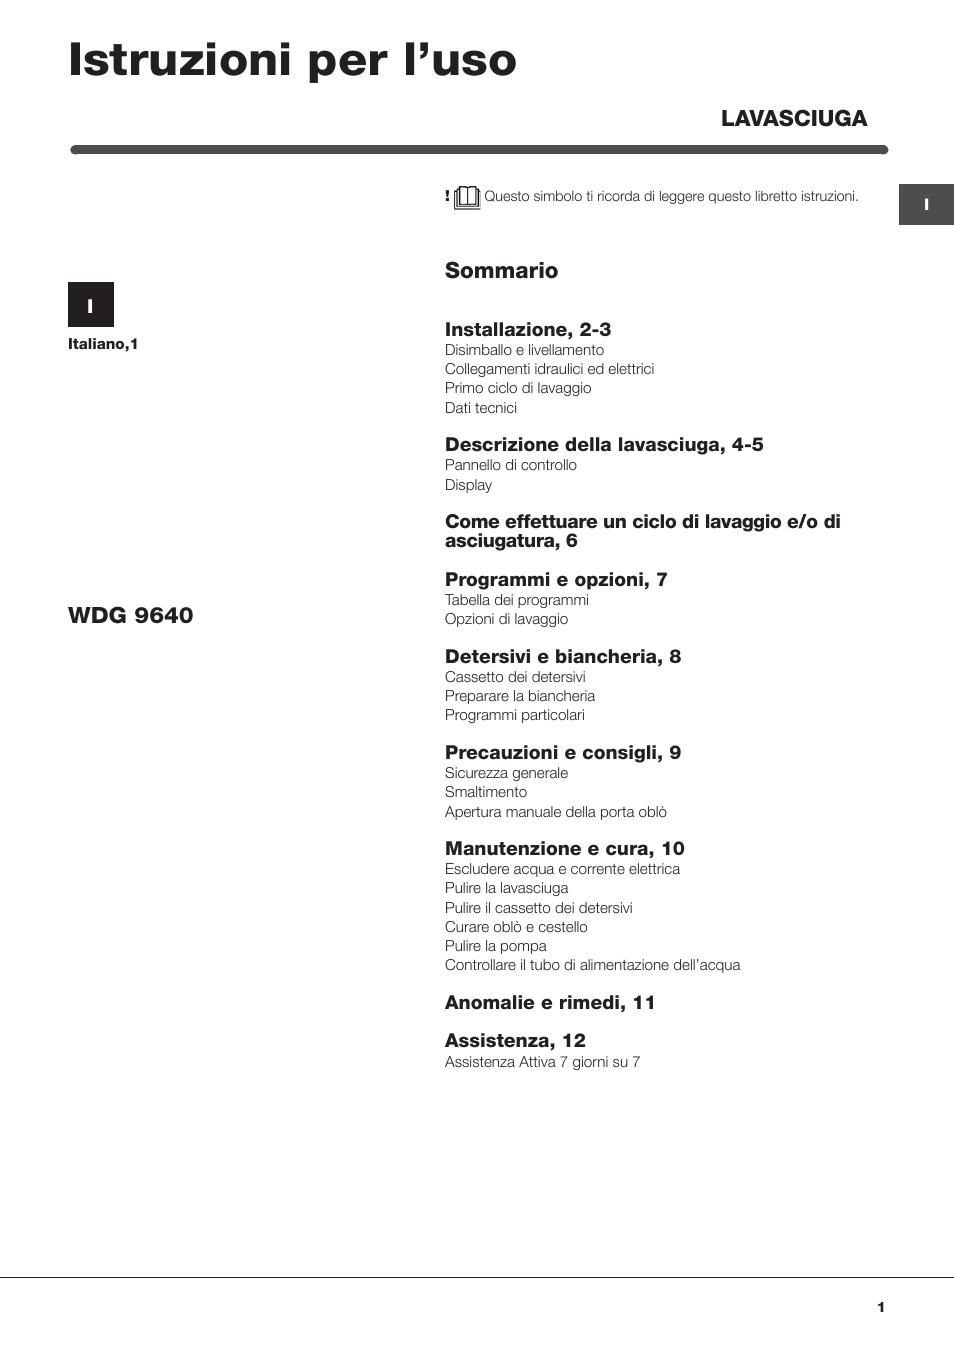 Hotpoint ariston wdg 9640b it manuale d 39 uso pagine 12 for Caldaia ariston egis manuale d uso